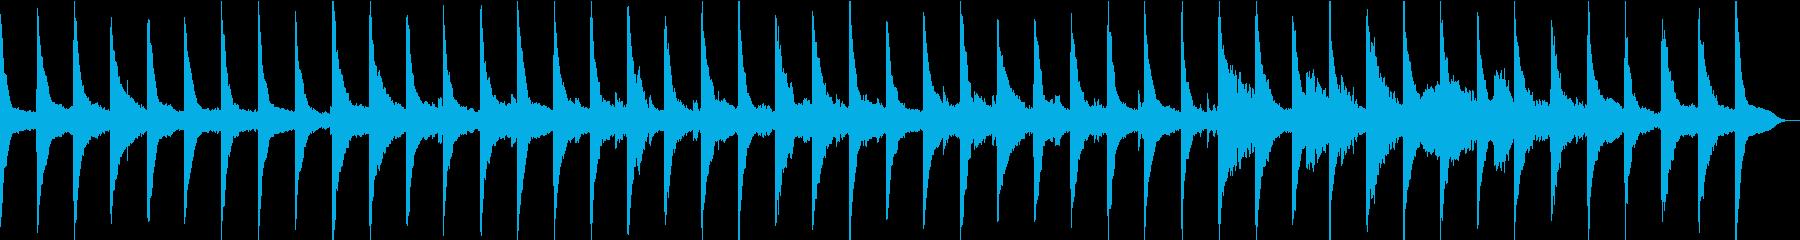 ゆっくり流れる時間、波音×ピアノ×ギターの再生済みの波形